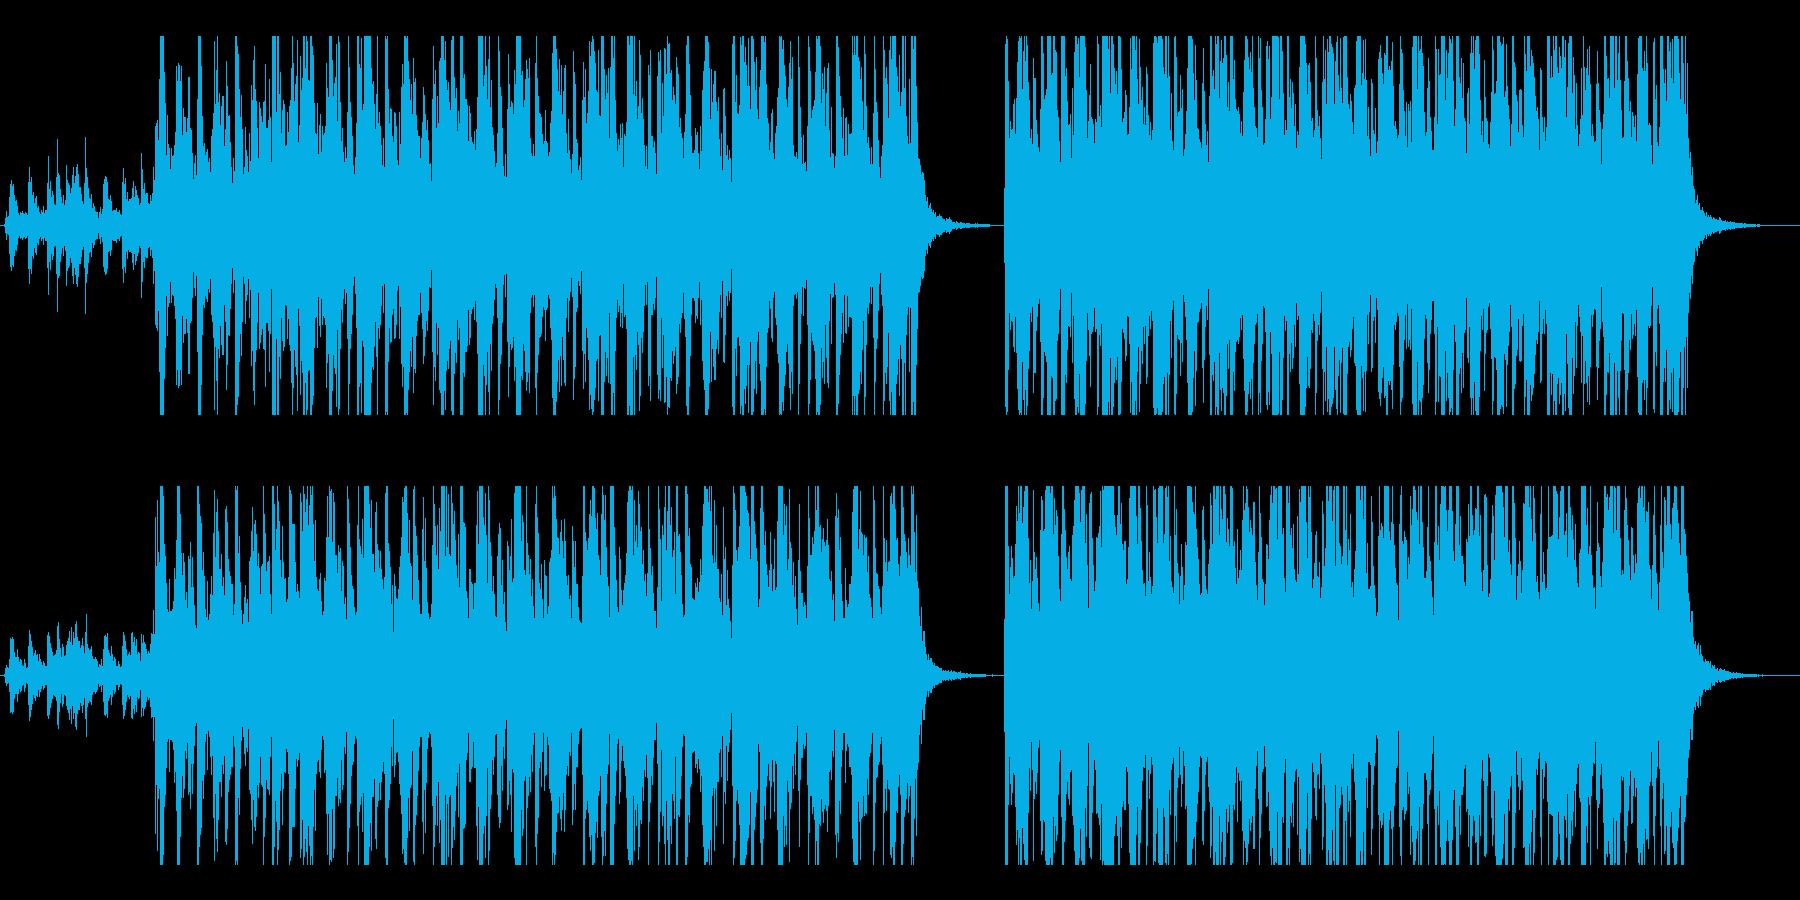 中世・ファンタジー風の野蛮な行軍ドラムの再生済みの波形